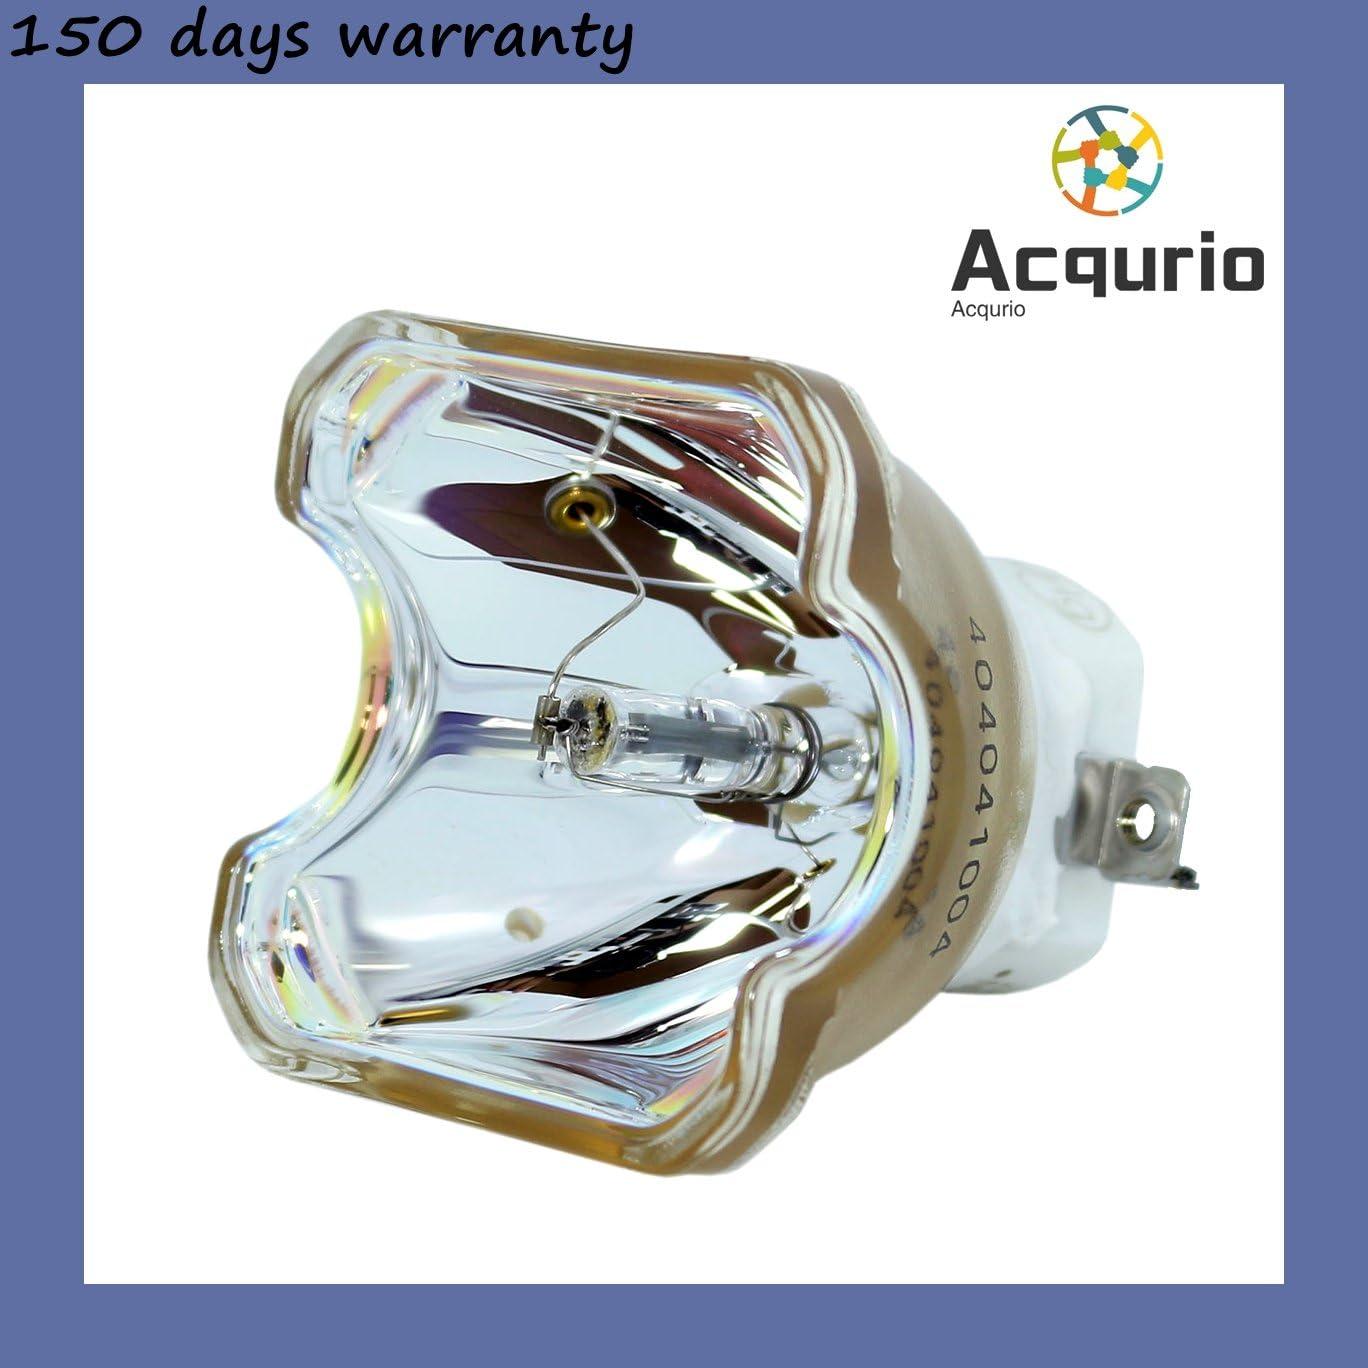 PK-L2615U//PK-L2615UG New Original Projector bare lamp for JVC DLA-RX400//RS500//RS600//RS400//X7500//X750R//X770//X790R//X9000//X9500//X950R//X970//X990R